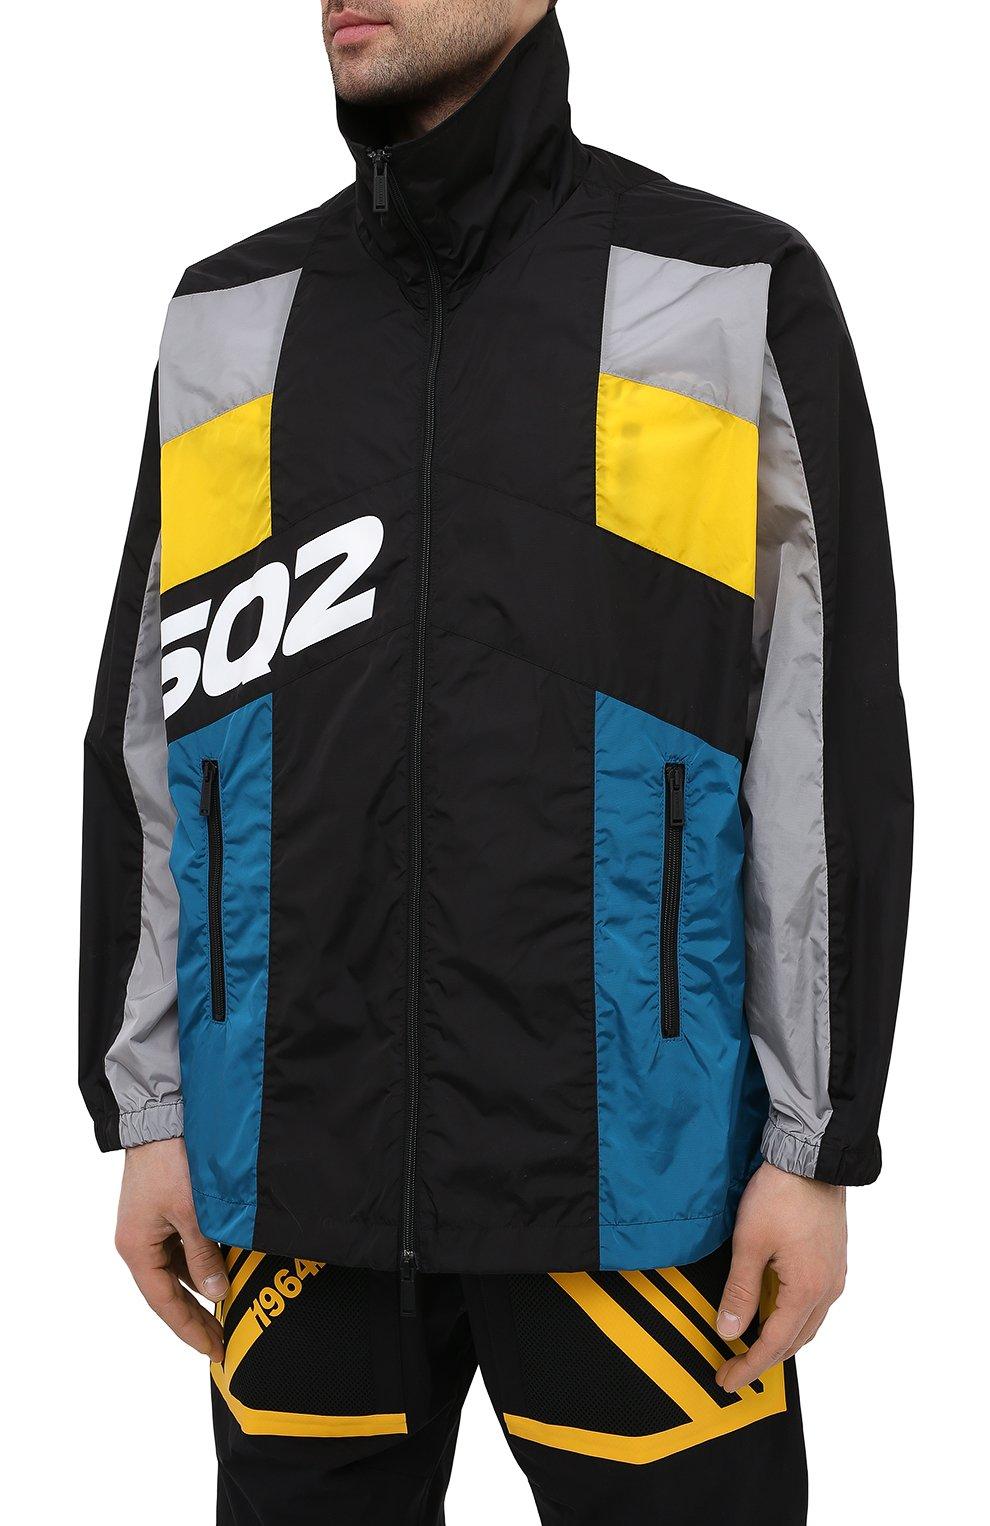 Мужская куртка DSQUARED2 разноцветного цвета, арт. S74AM1132/S49197 | Фото 3 (Кросс-КТ: Куртка, Ветровка; Рукава: Длинные; Длина (верхняя одежда): До середины бедра; Материал внешний: Синтетический материал; Стили: Гранж, Спорт-шик)